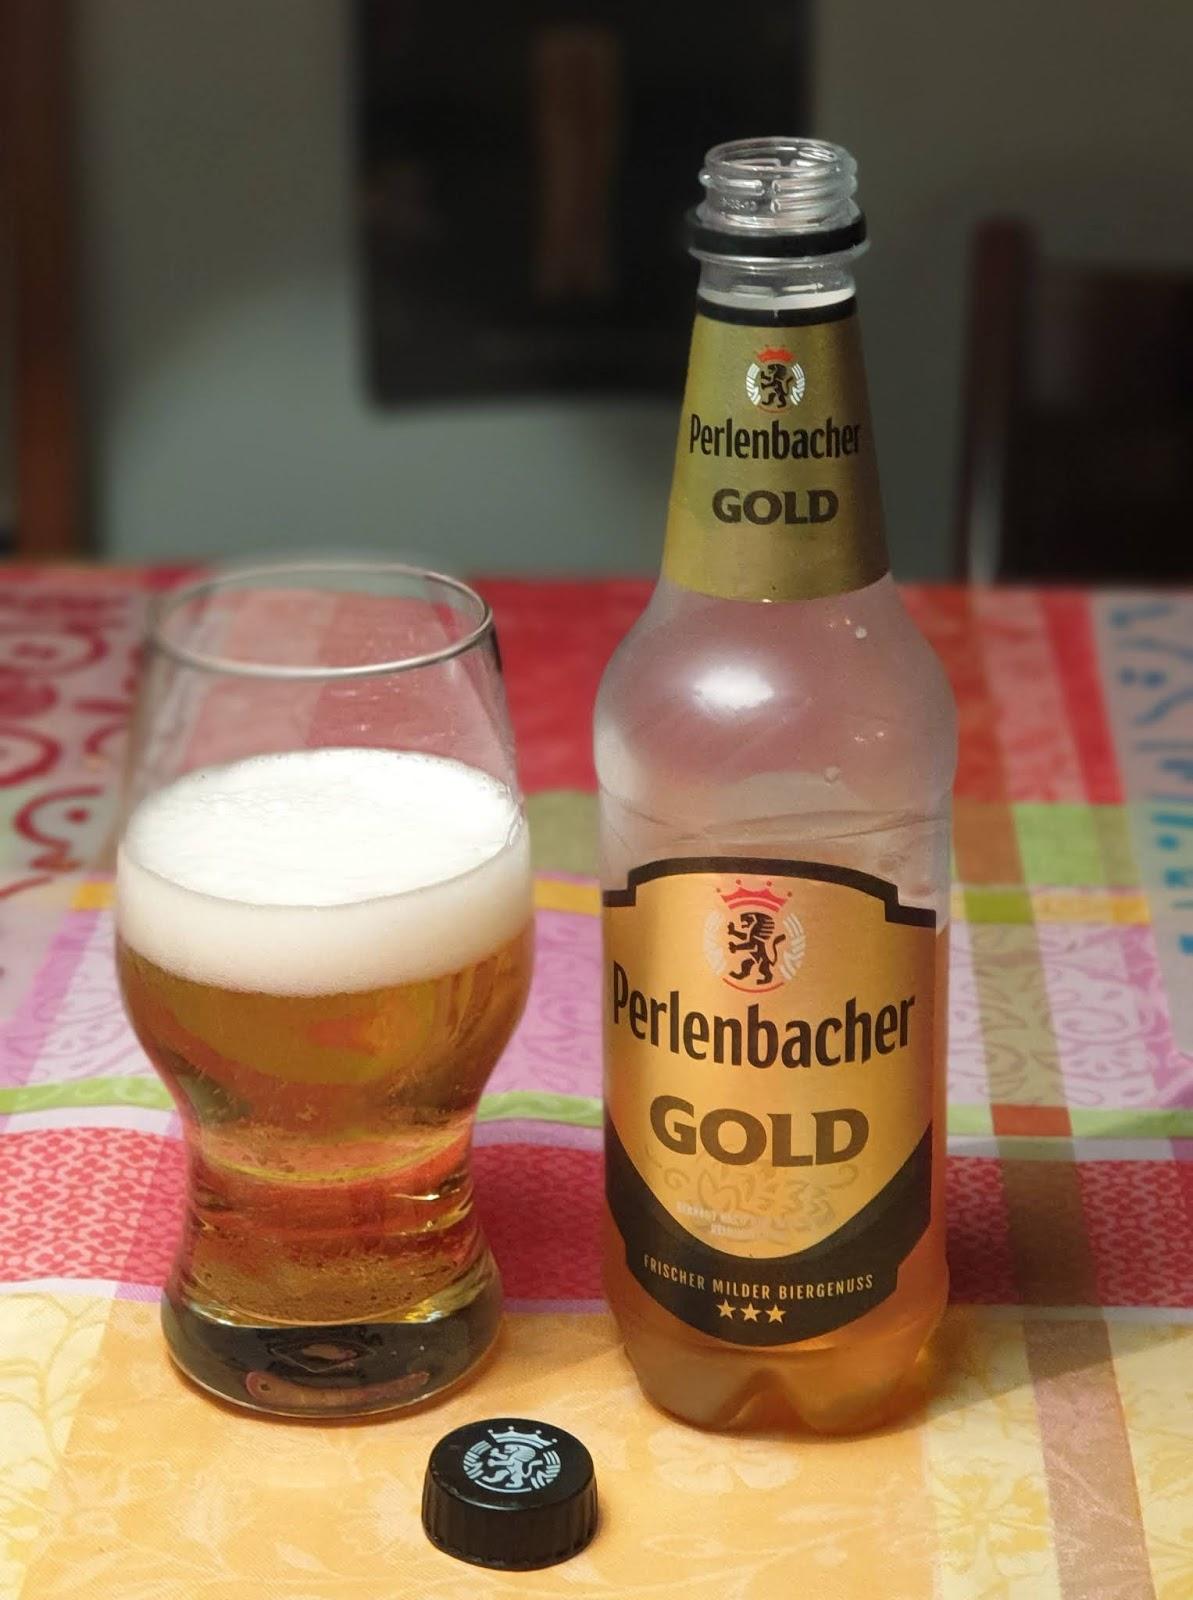 Perlenbacher Gold